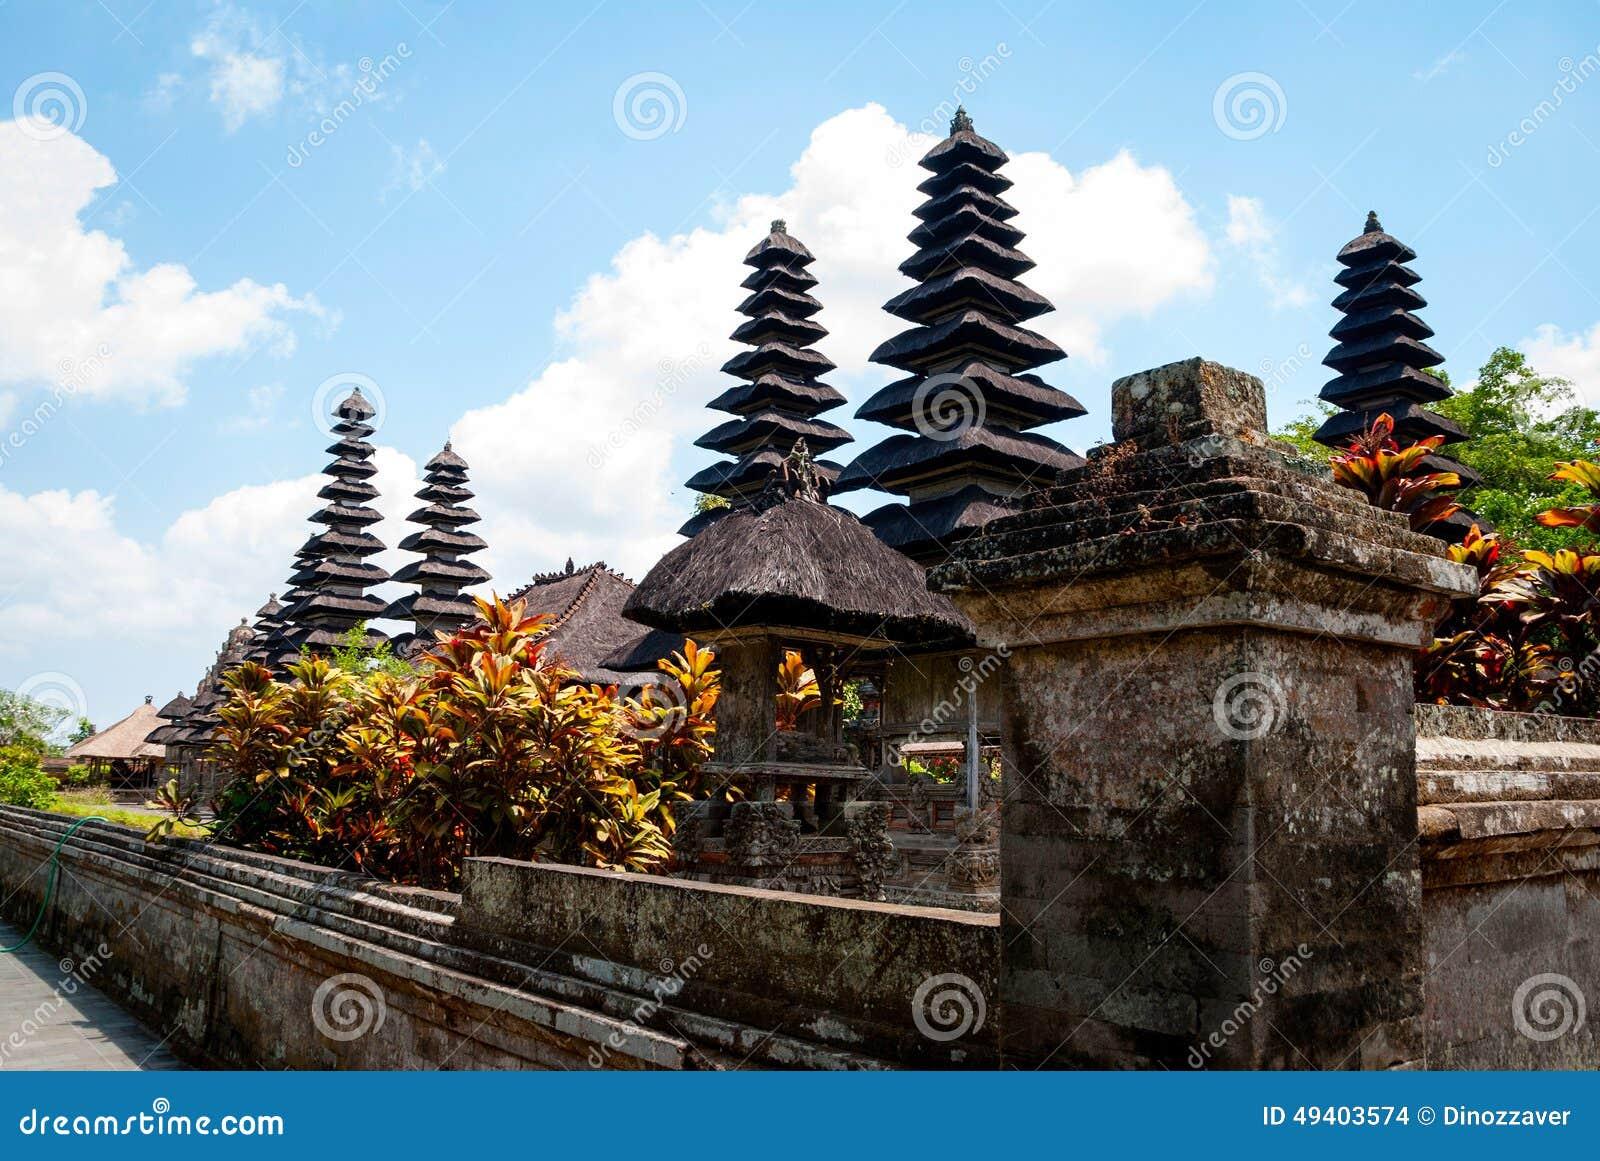 Download Typische Dächer Des Hindischen Tempels In Bali Stockfoto - Bild von szenisch, geistig: 49403574